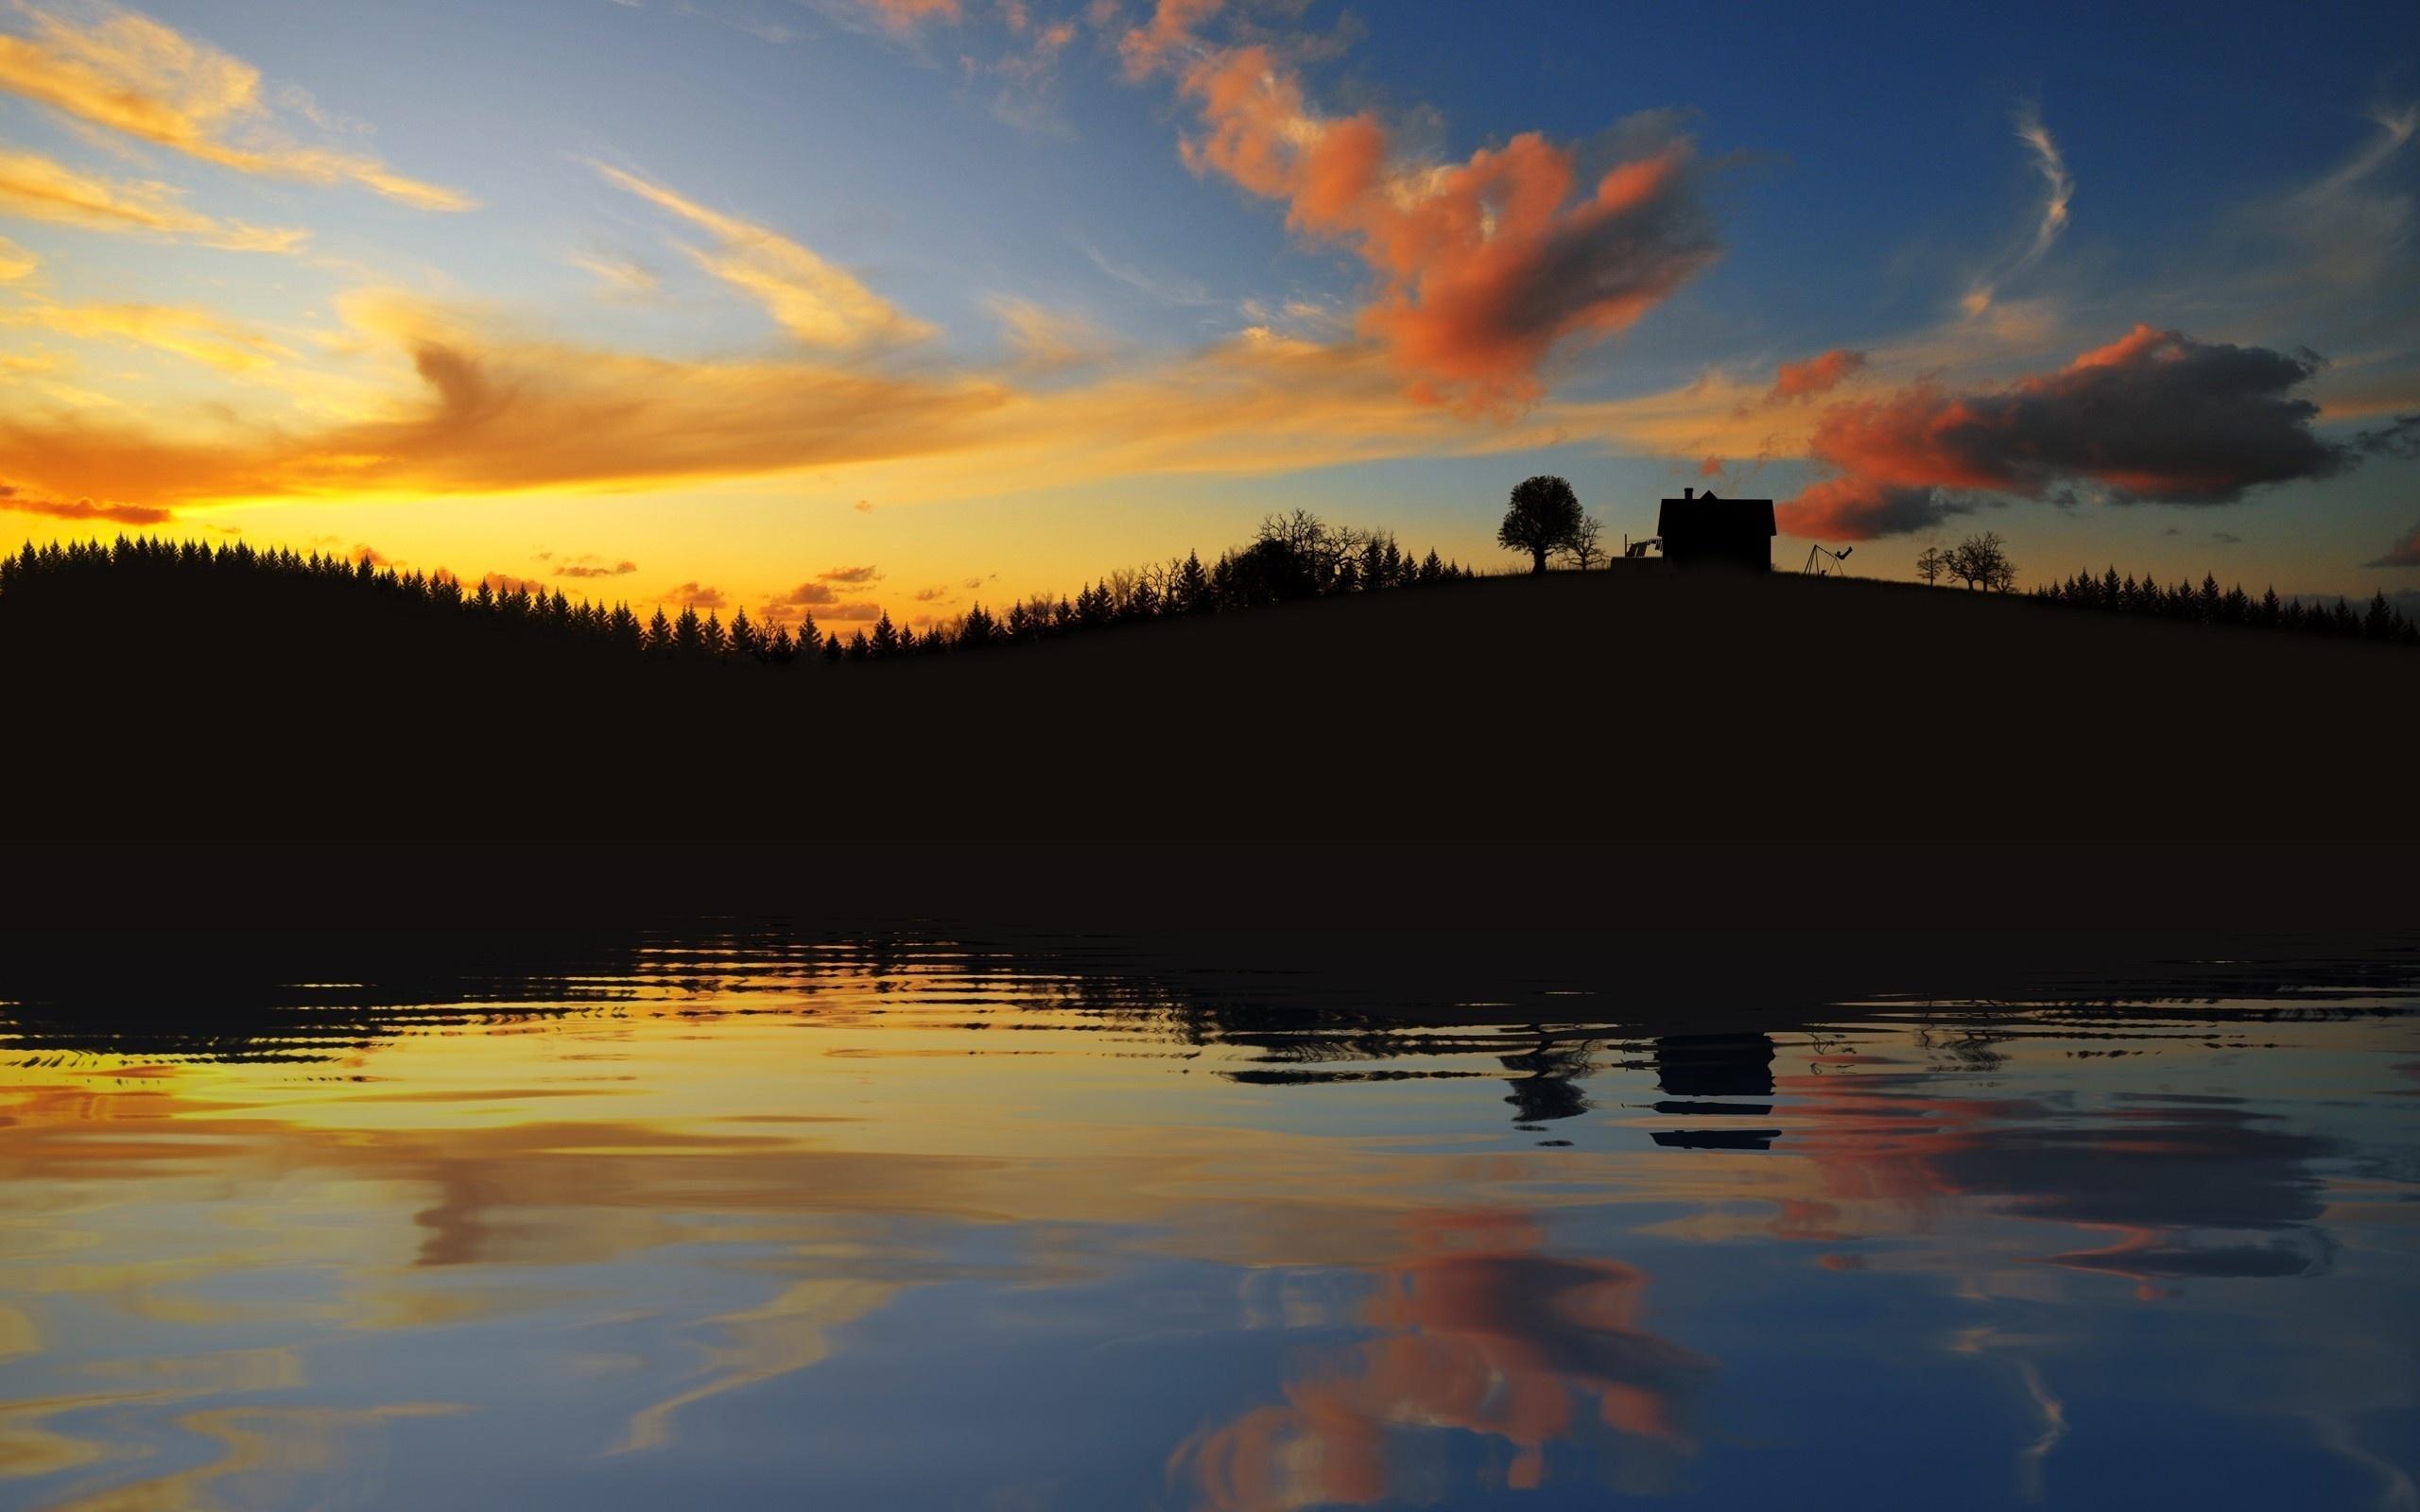 озеро в лесу на закате  № 380268 загрузить